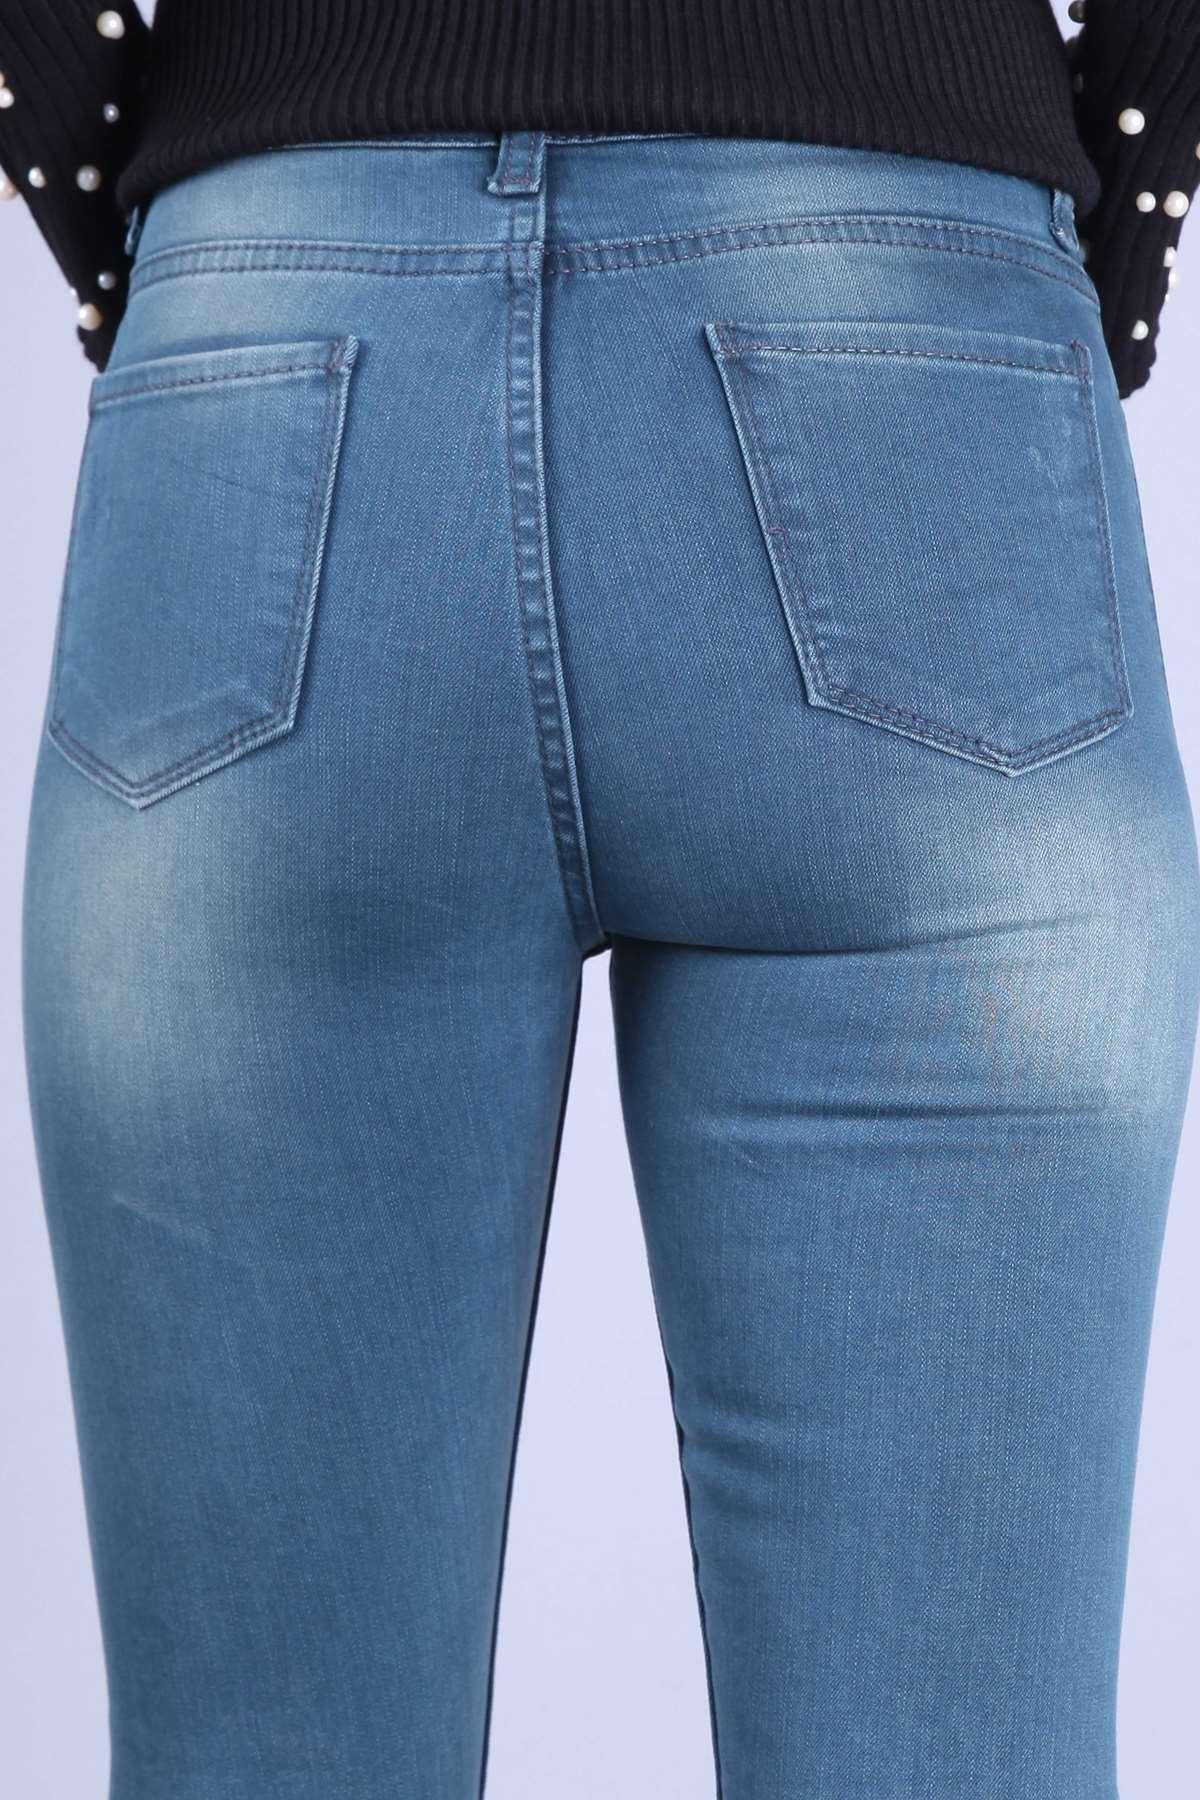 Taşlamalı Lazer Tırtıklı Dar Paça Likralı Kot Pantolon Açık-Yeşil